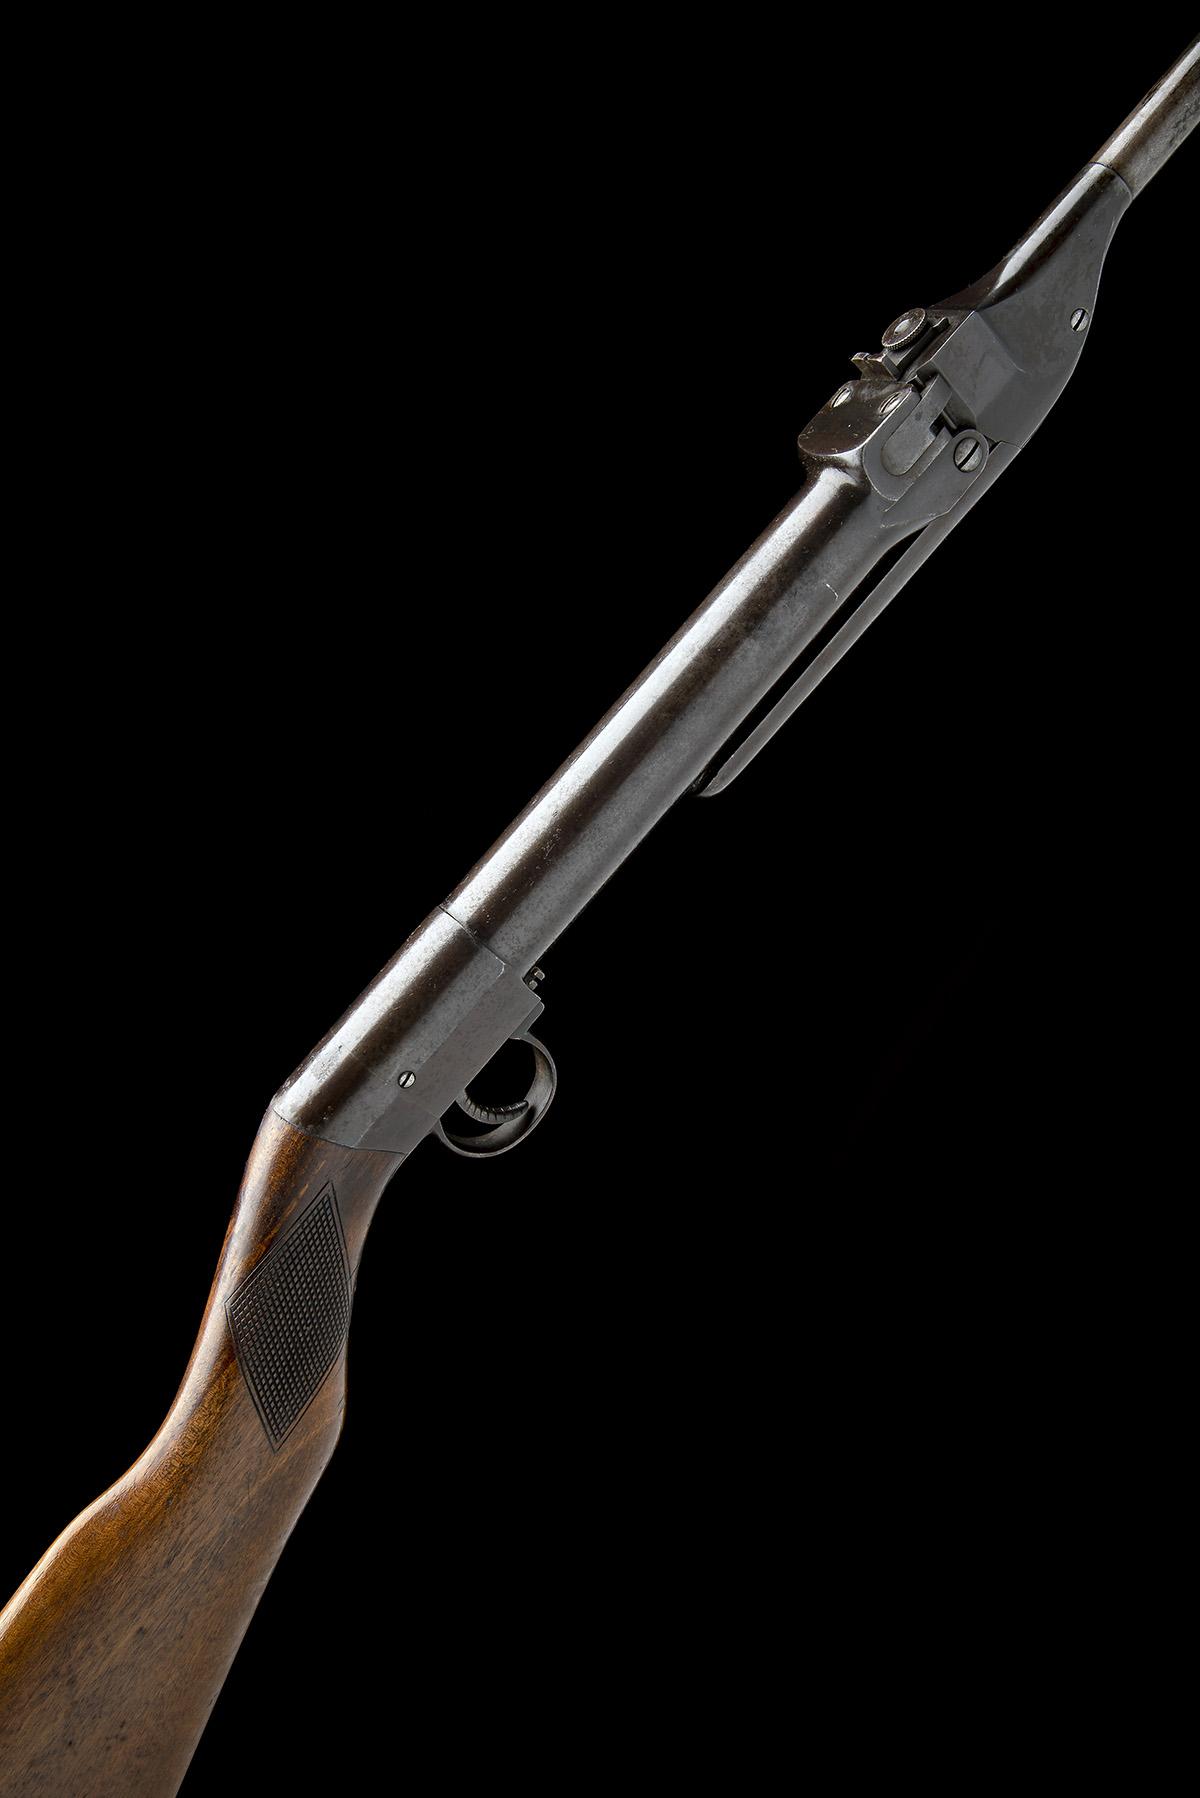 KYNOCH LTD., BIRMINGHAM AN EXTREMELY RARE .177 BREAK-BARREL AIR-RIFLE, MODEL 'KYNOCH SWIFT',